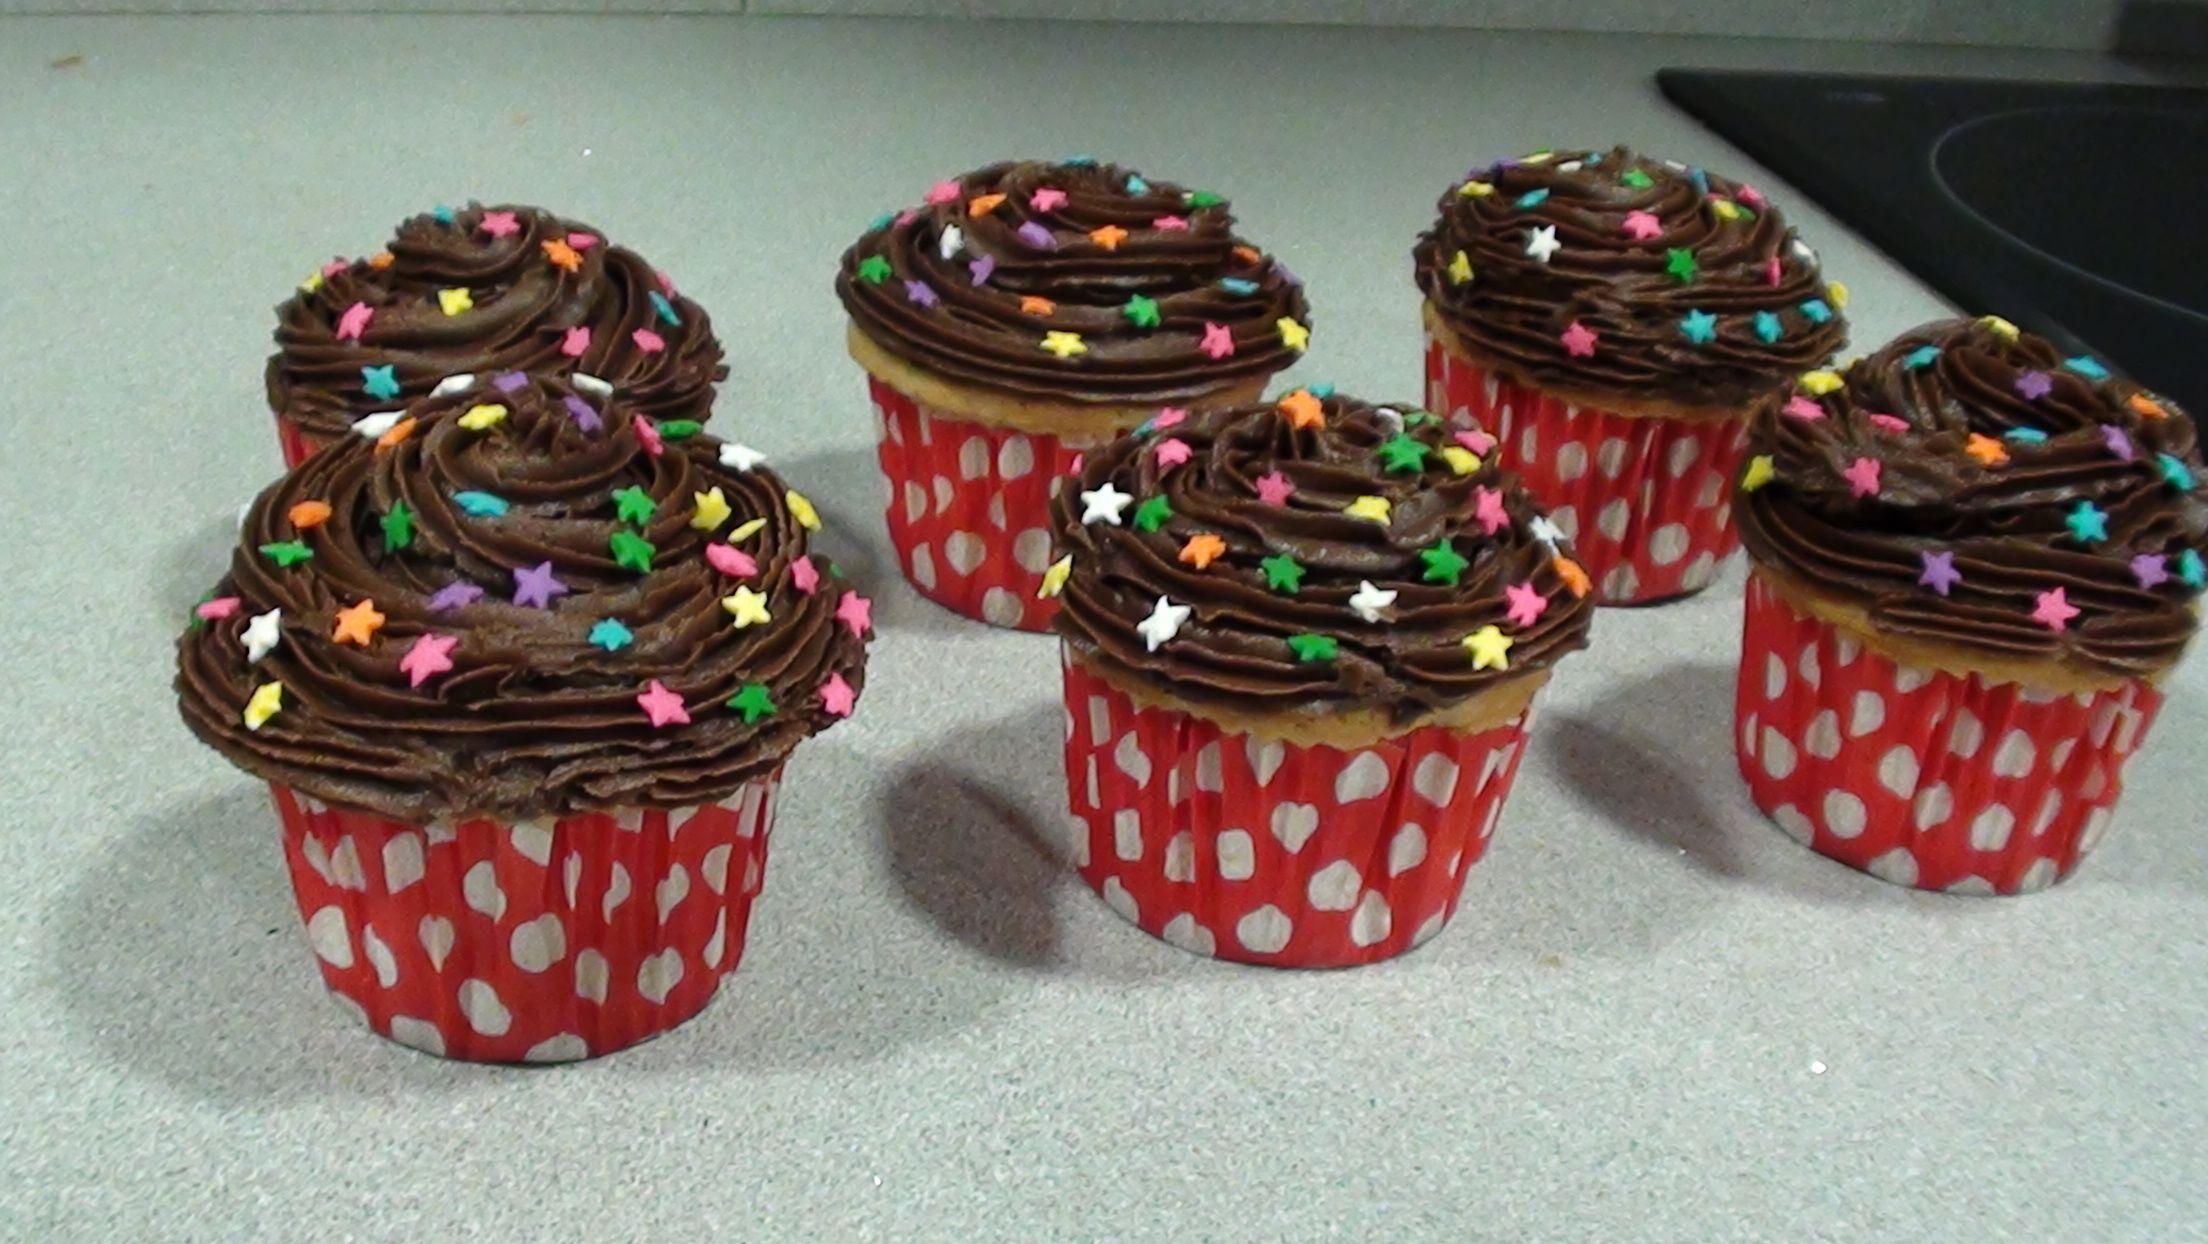 Mis cupcakes de vainilla con cobertura de cacao y rellenas de nutella!! riquisimas!!